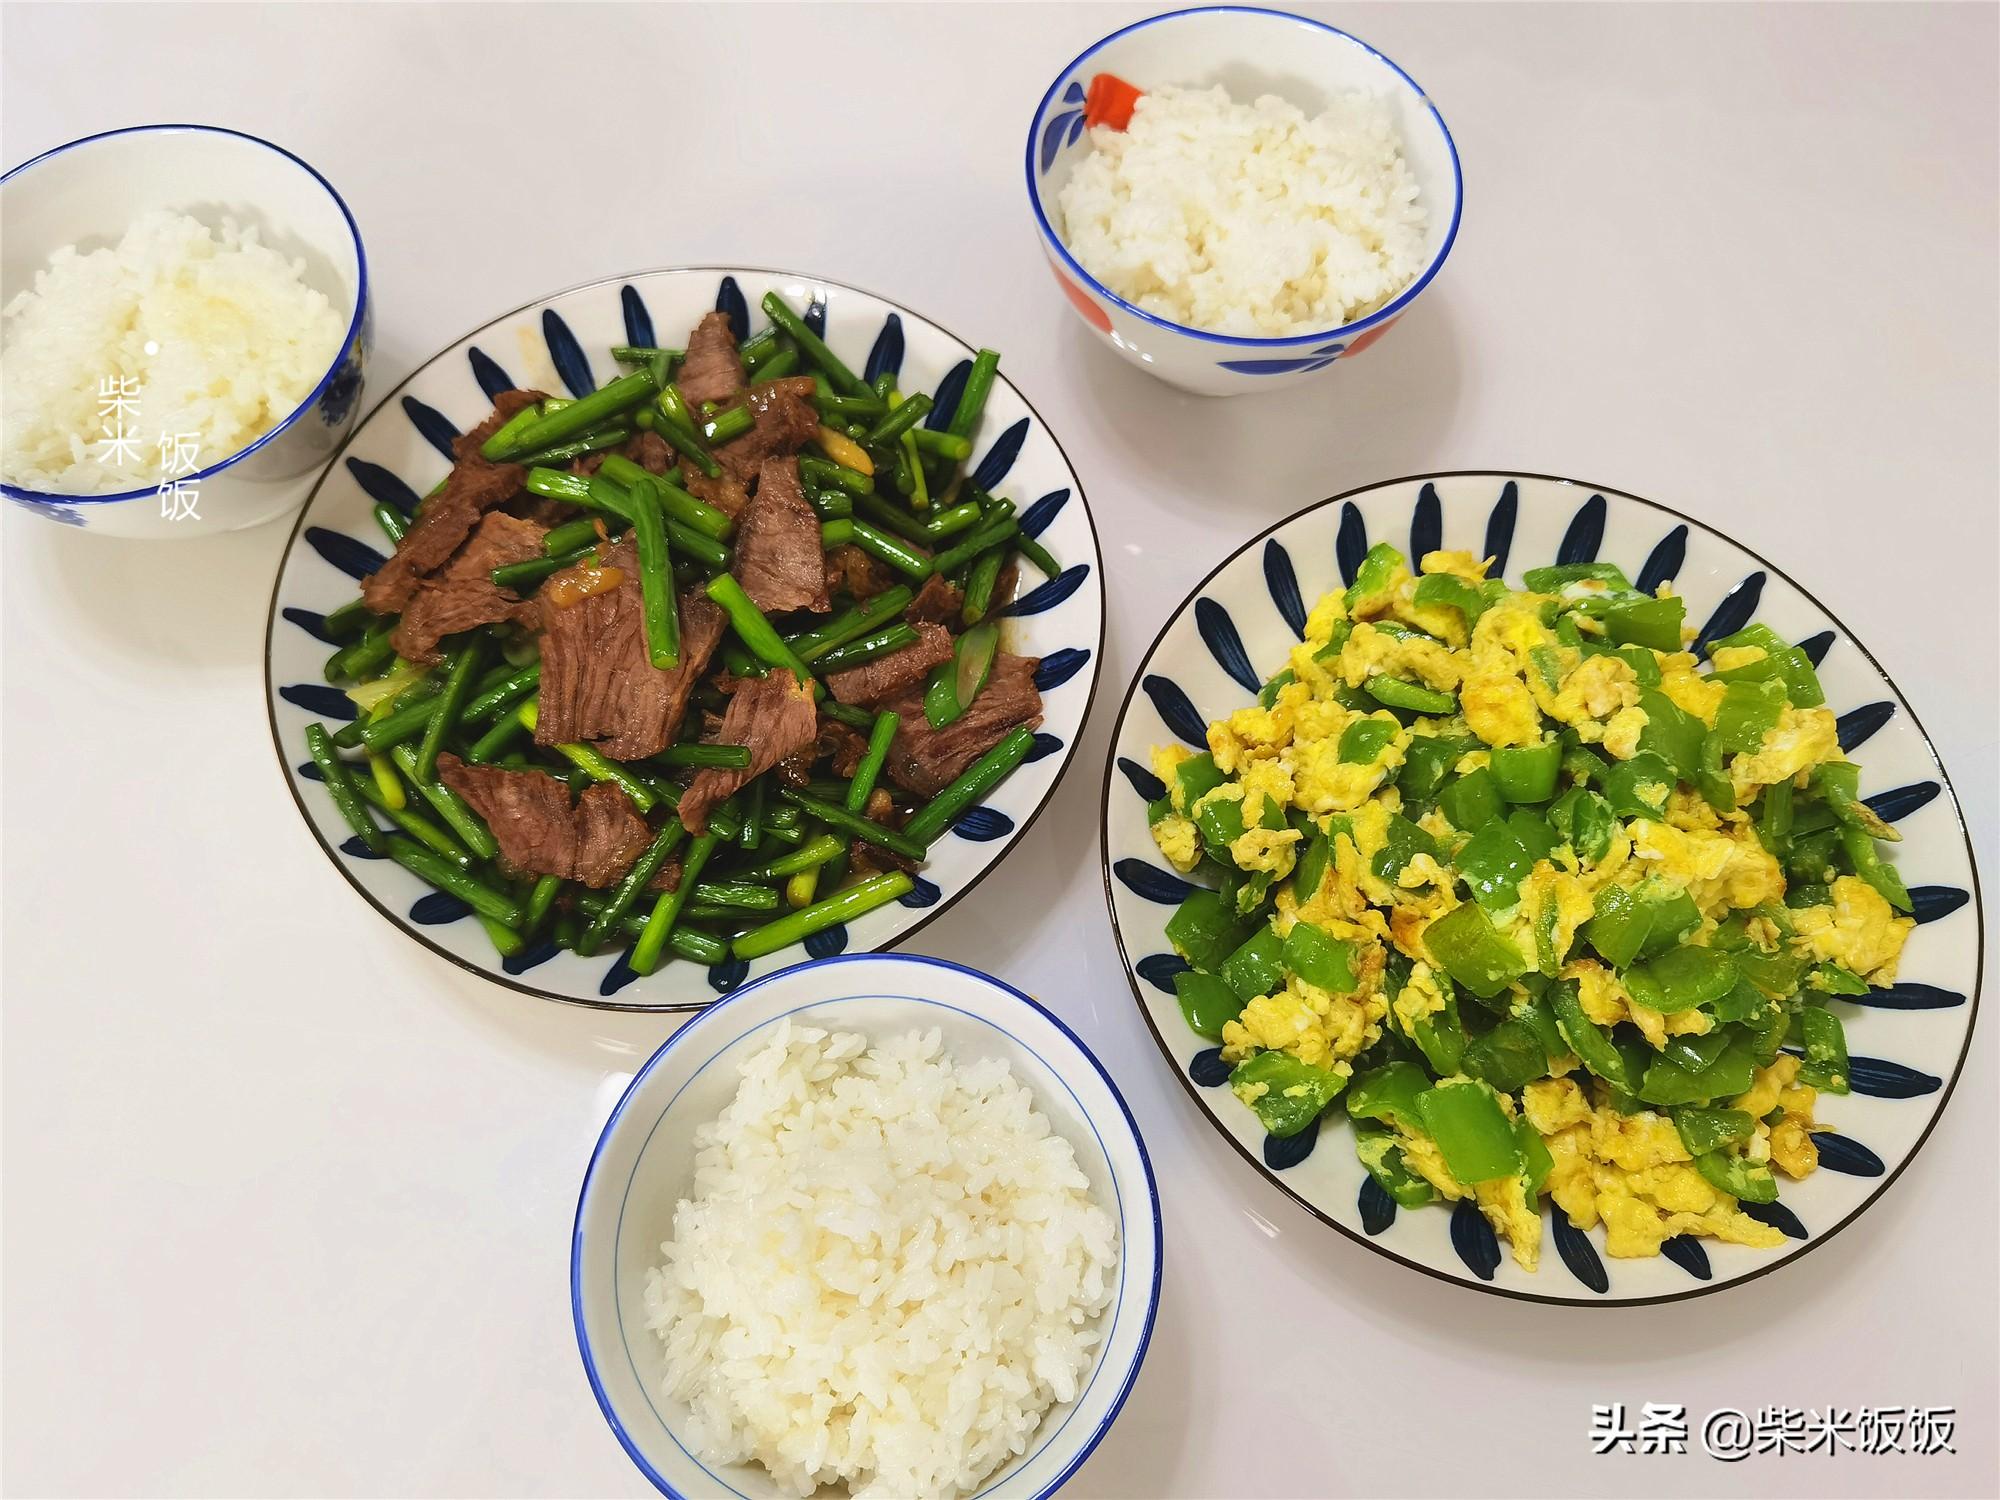 晚餐,全是家常菜,每天花费不到50元,实惠好吃 晚餐 第2张